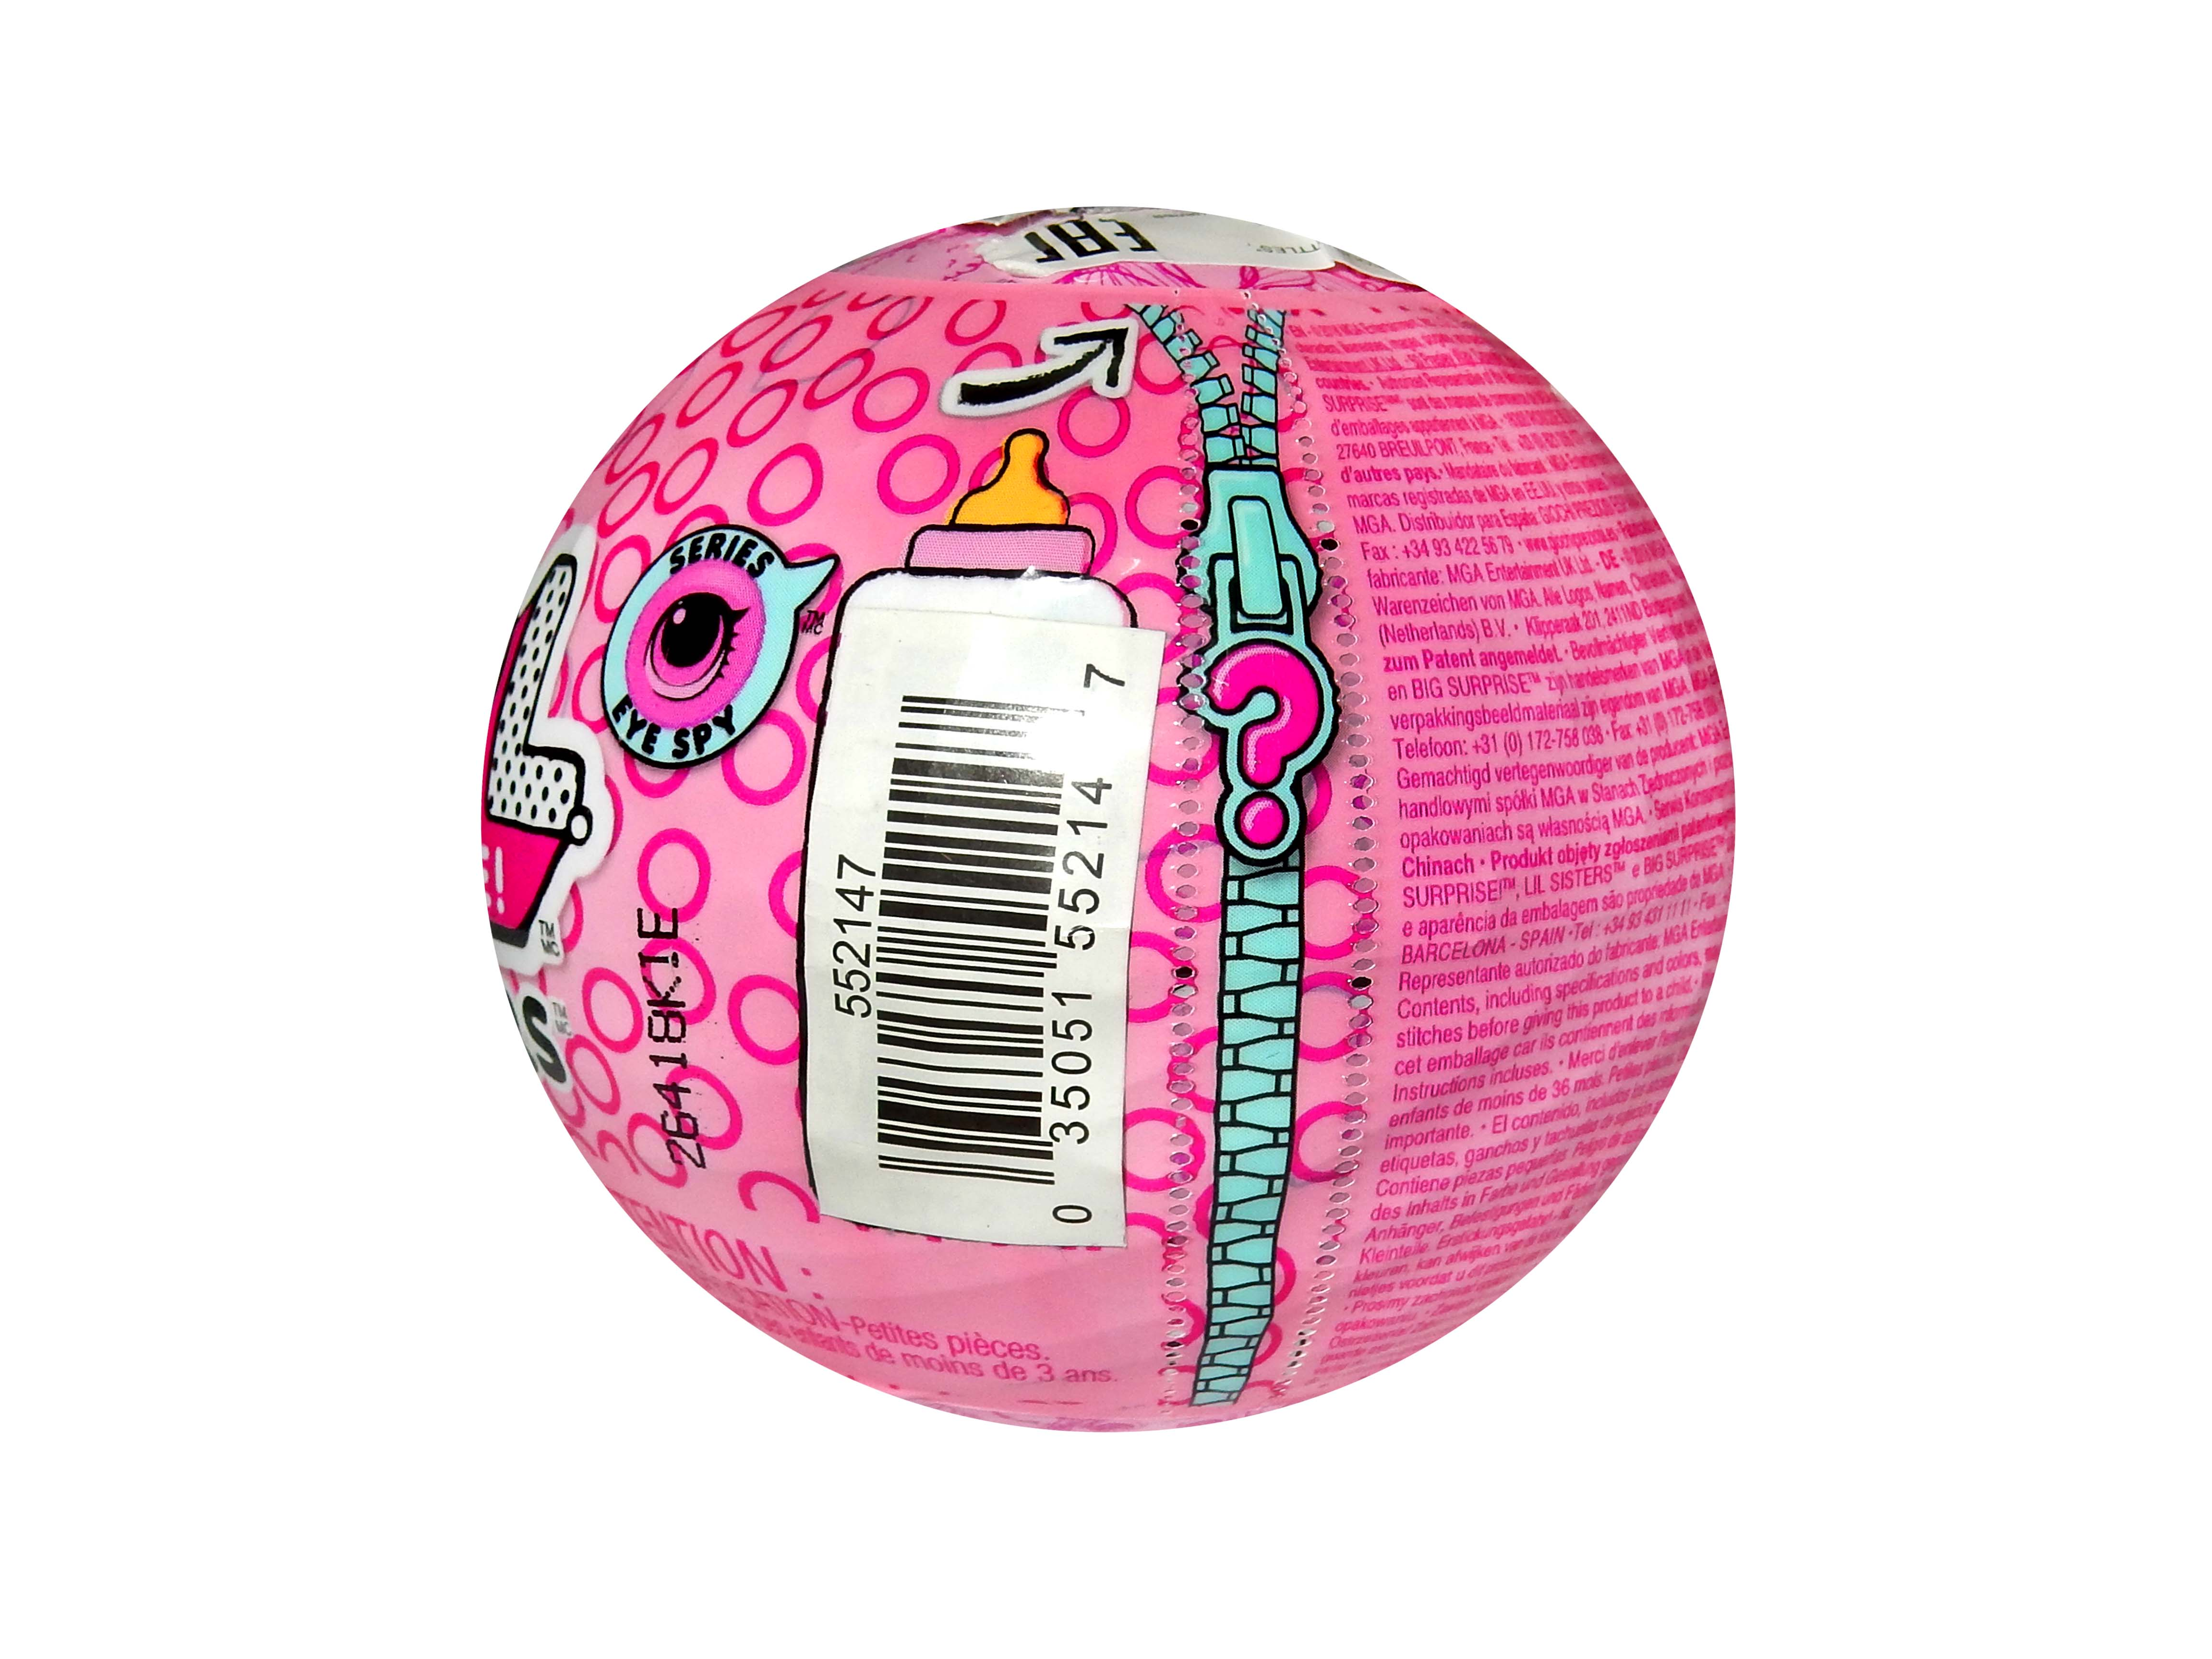 слоистость характеризуется смотреть картинки шариков лол и кукол сотрудника мчс выходом